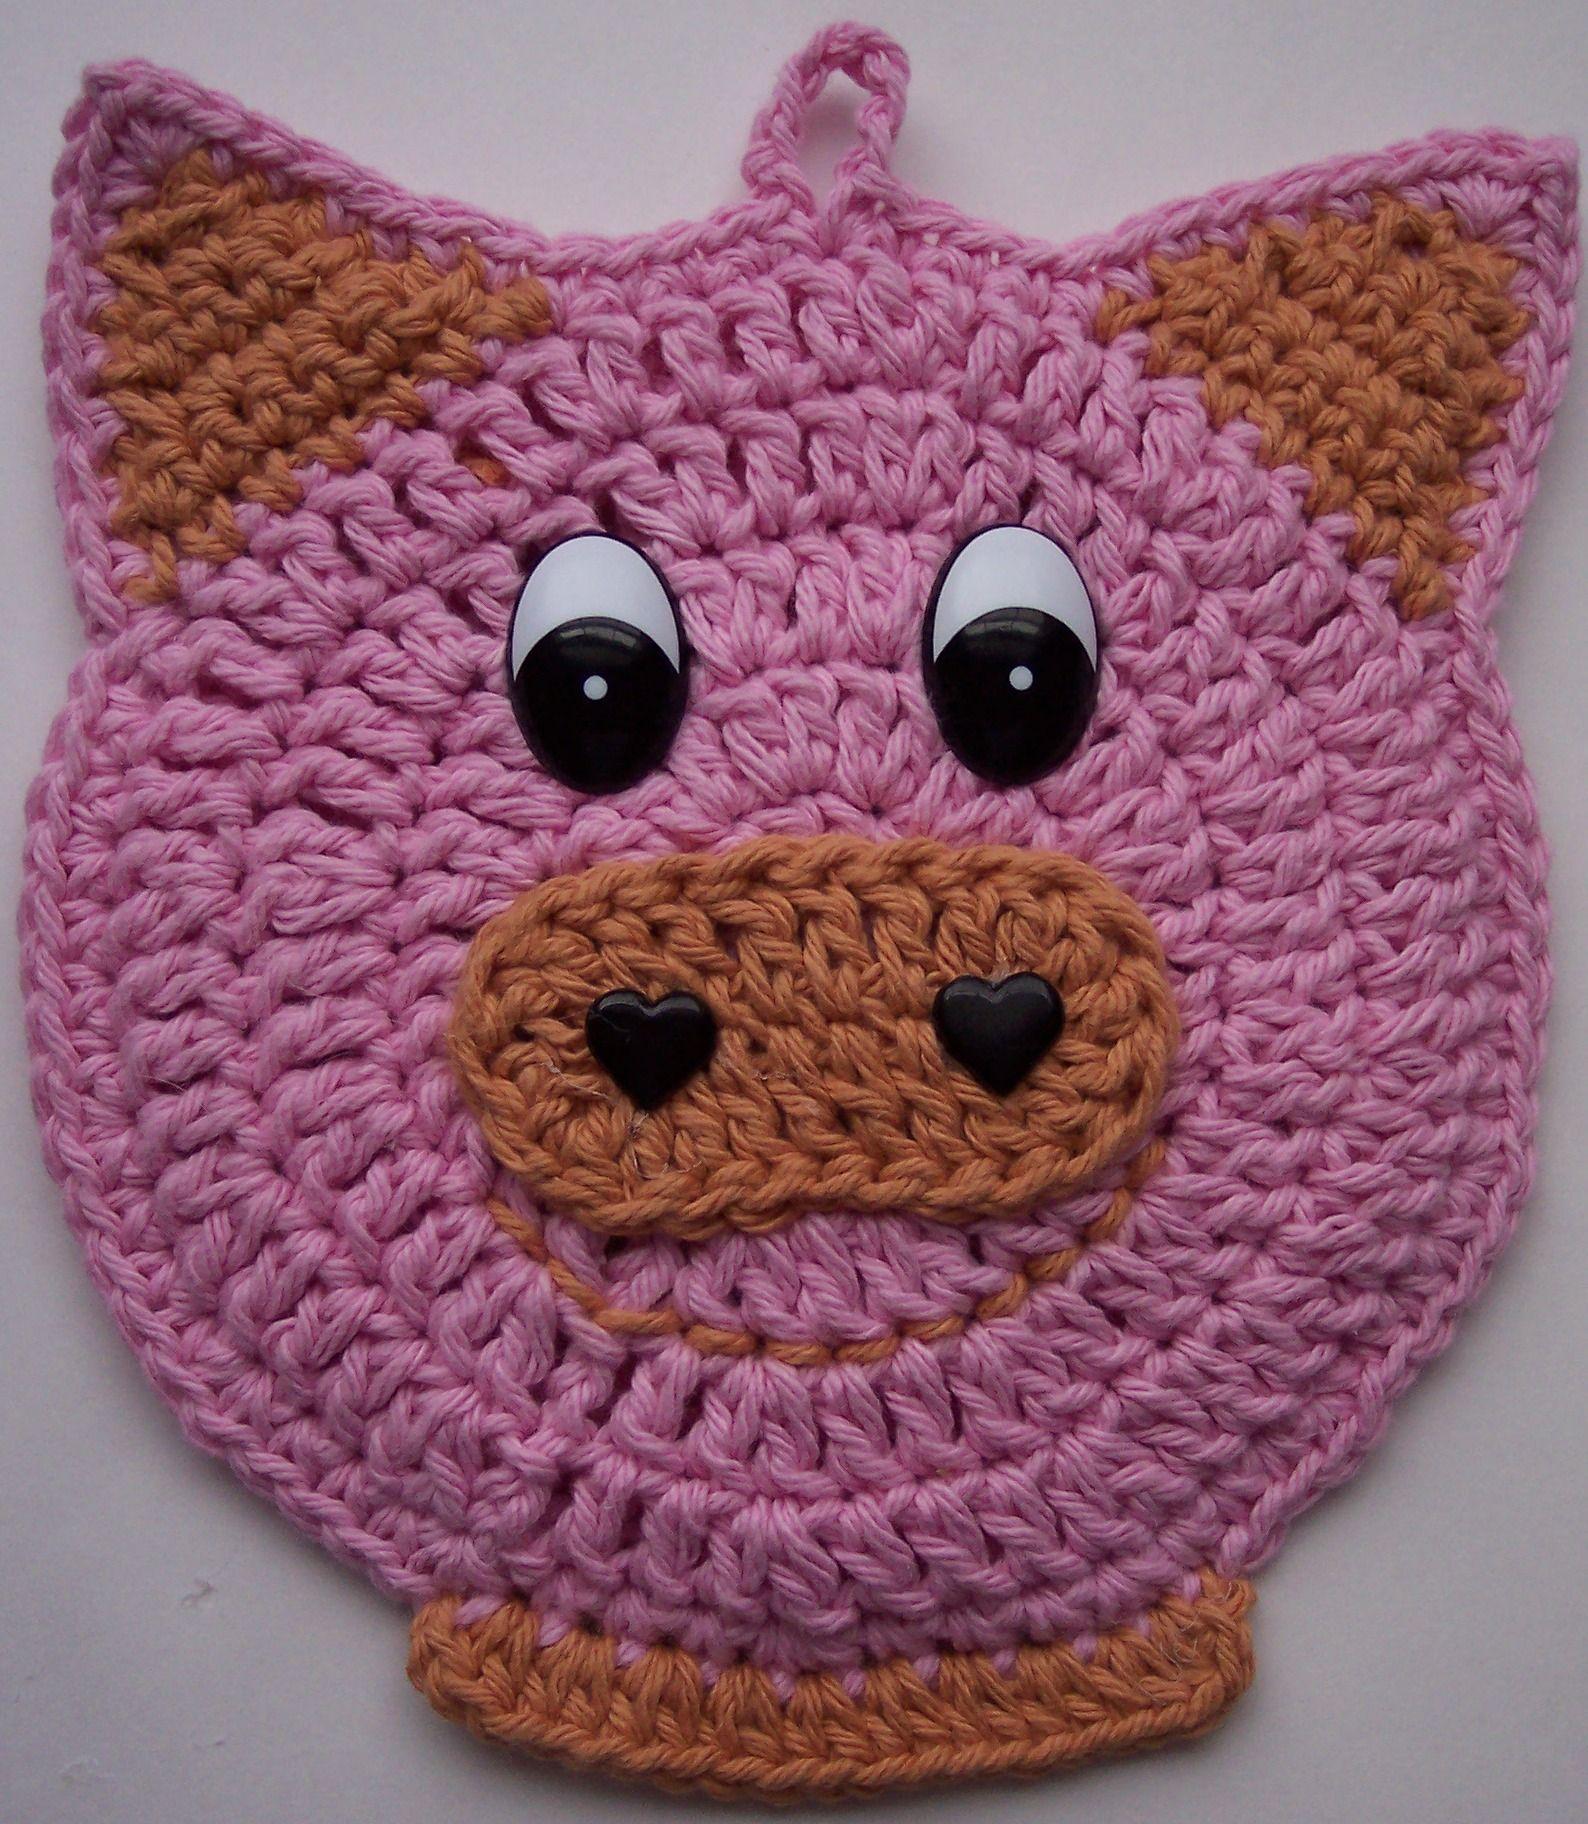 Crochet Pig Potholder | Crochet 4 | Pinterest